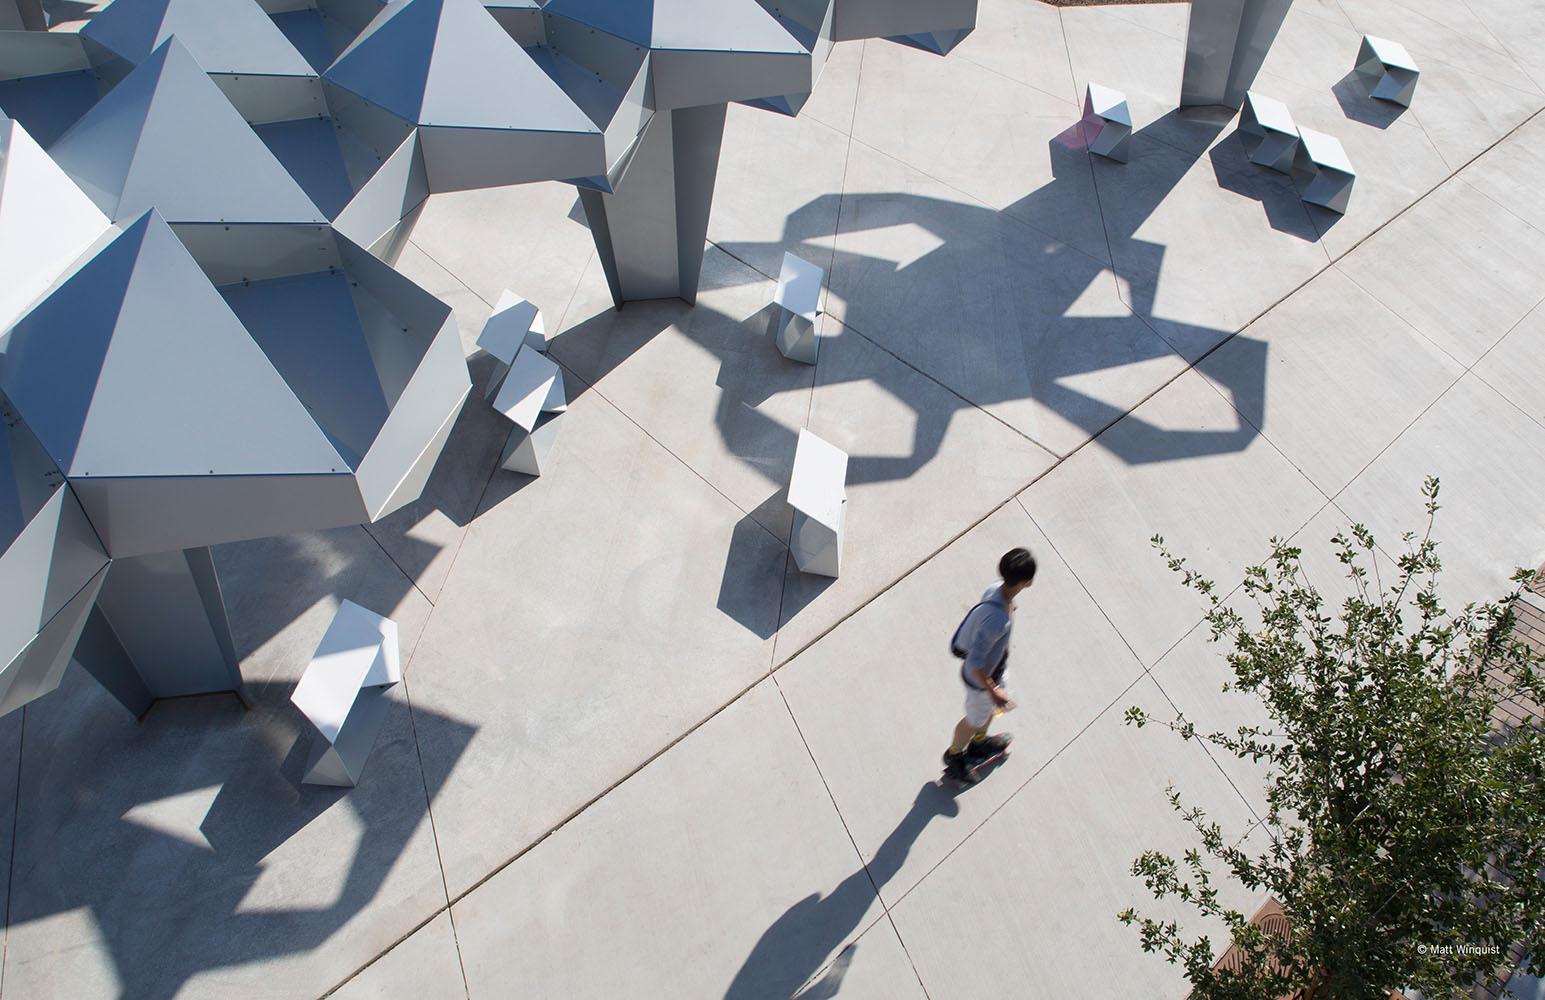 Shadow Play Bsa Design Awards Boston Society Of Architects